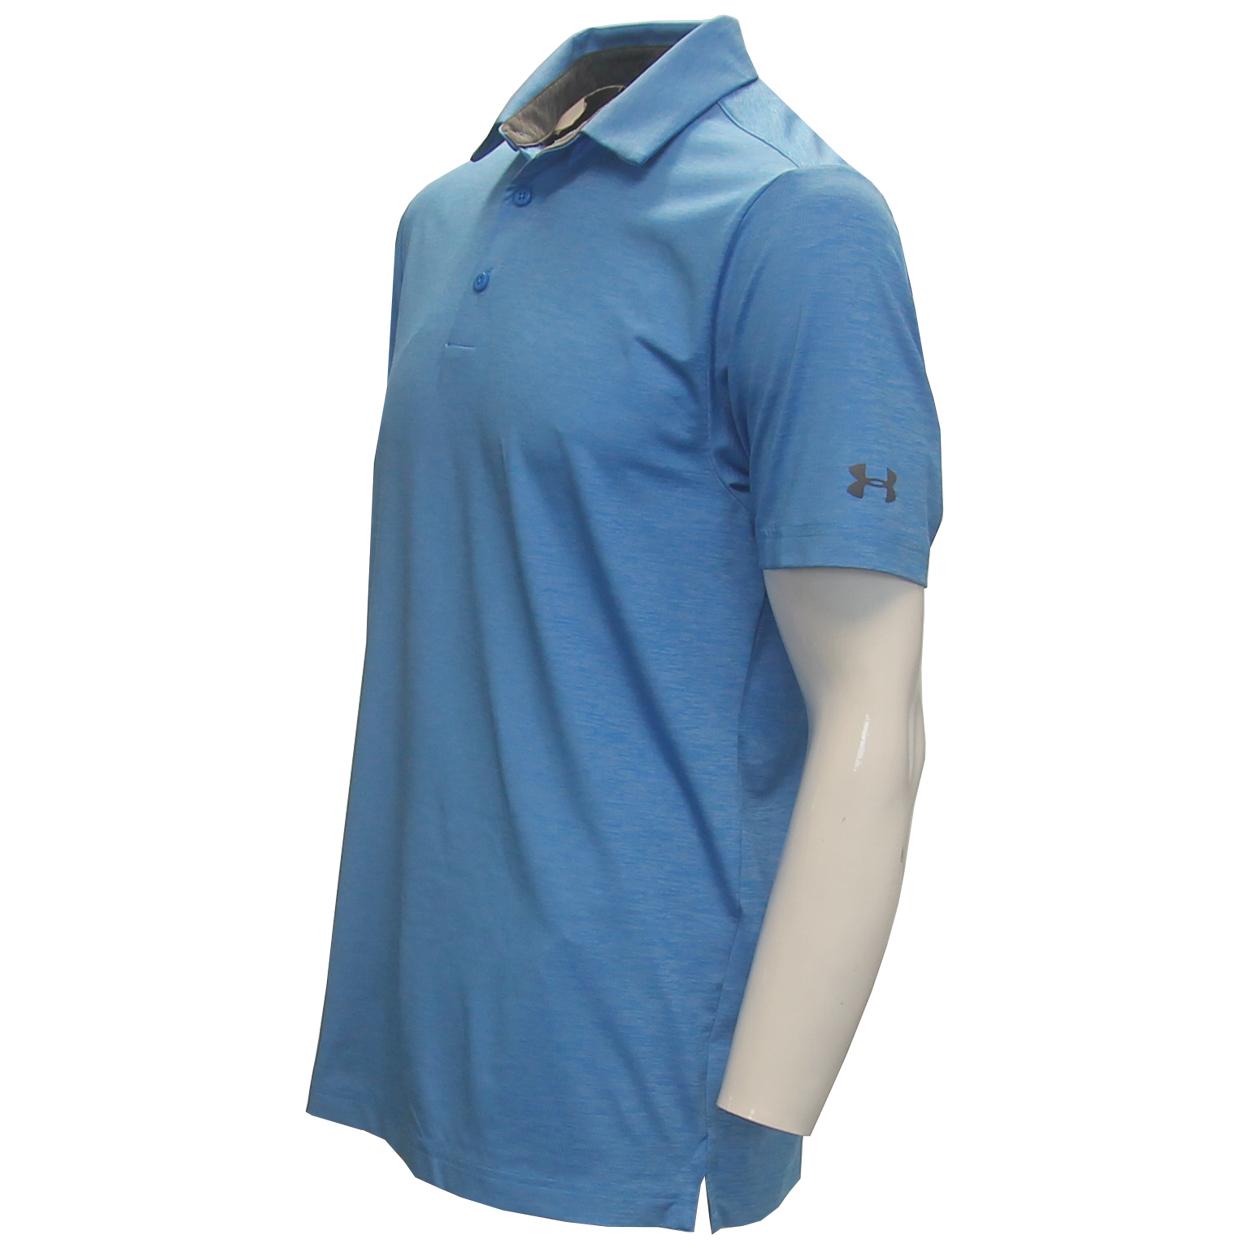 222dd9dd Under Armour Golf Men's Playoff Polo Shirt, Brand New | eBay